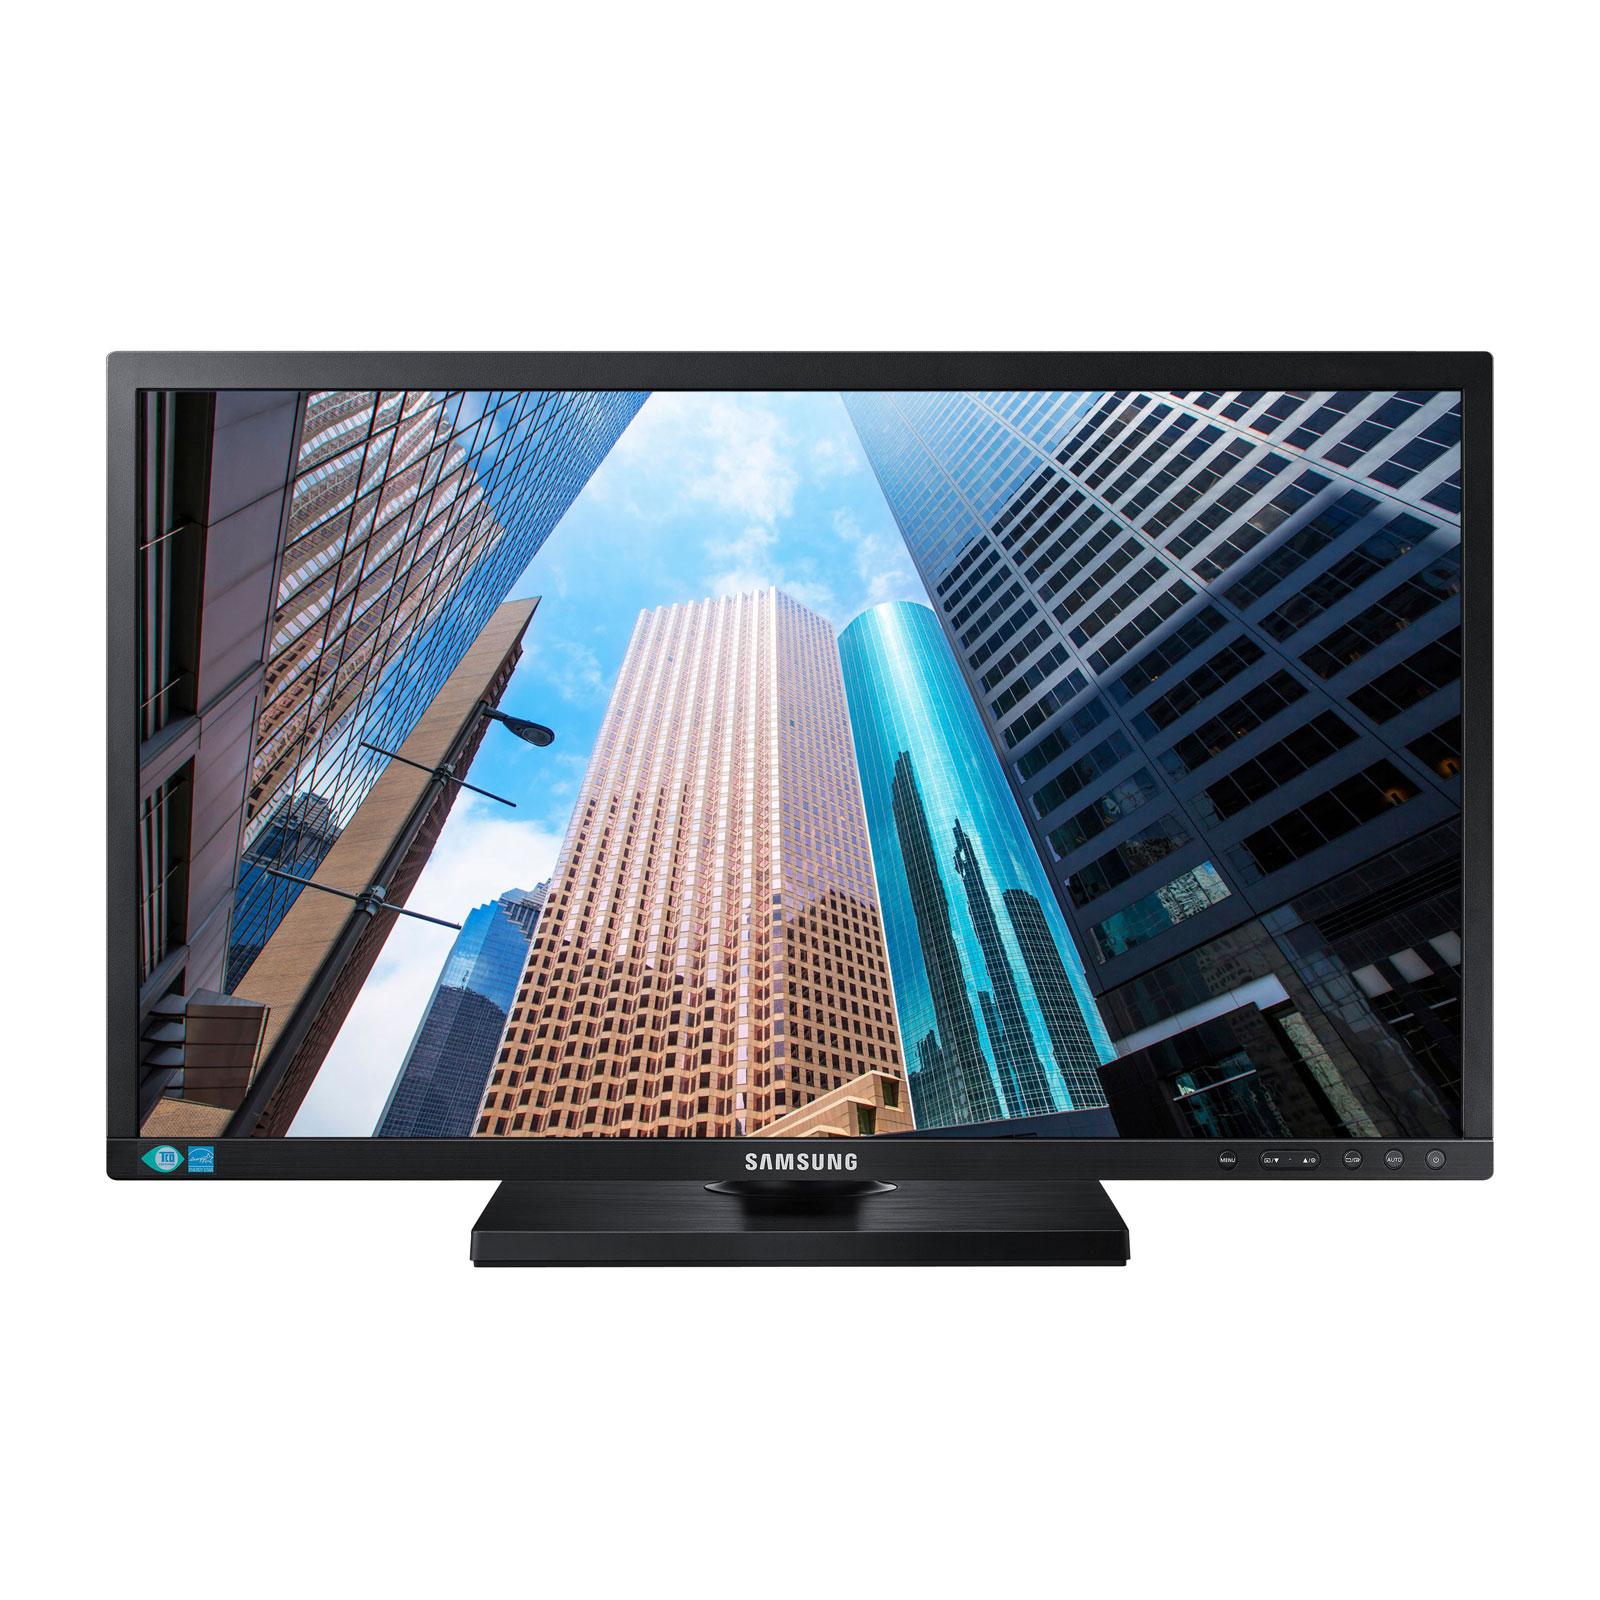 """Ecran PC Samsung 23.6"""" LED - S24E650PLC 1920 x 1080 pixels - 4 ms - Format large 16/9 - Pivot - Dalle PLS - DisplayPort - HDMI - Noir + Câble DP inclus (garantie 3 ans constructeur)"""